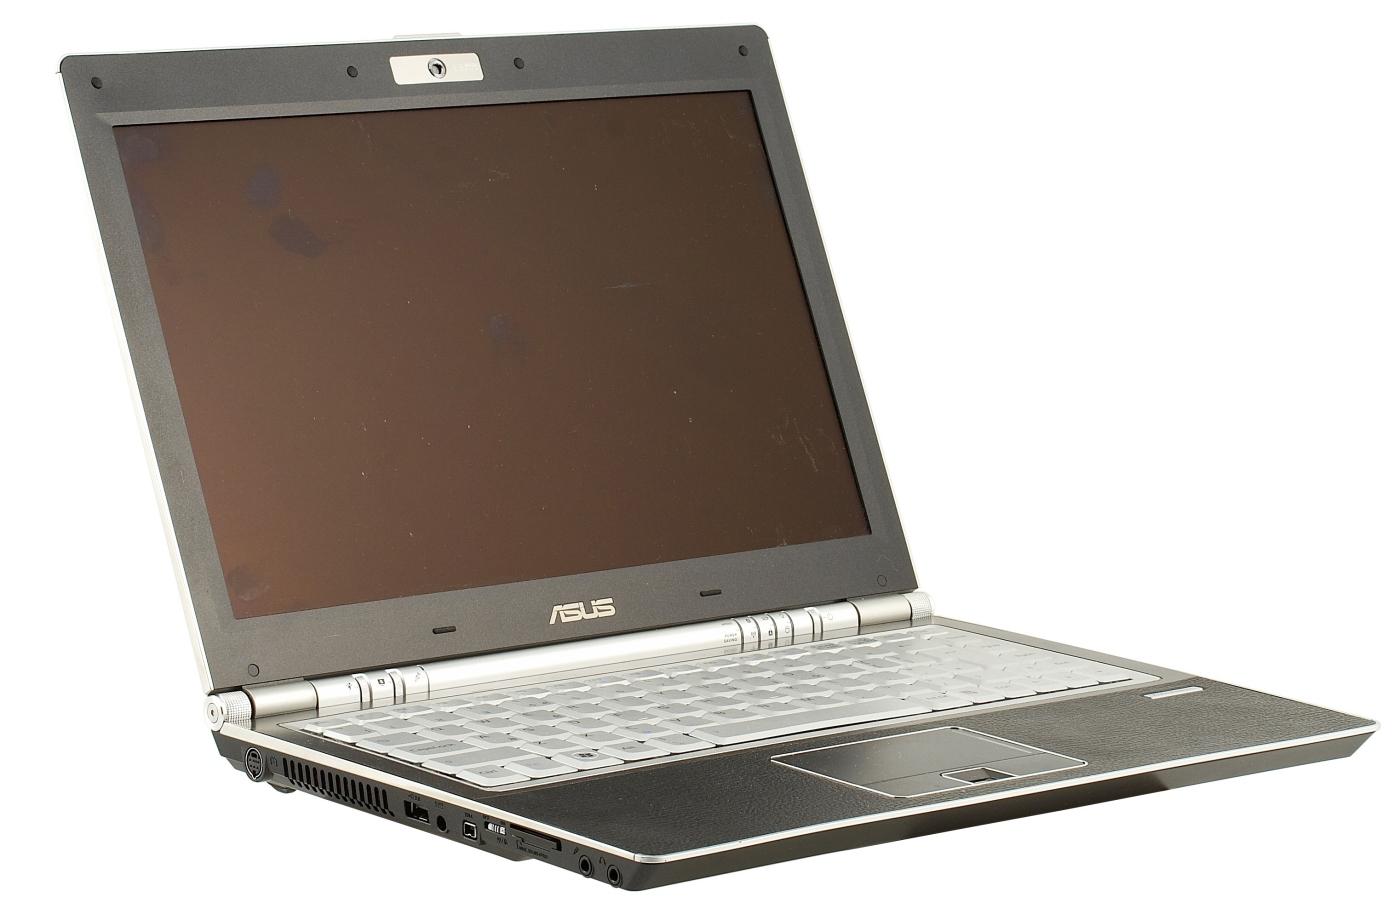 драйвер ноутбука скачать asus k52d для